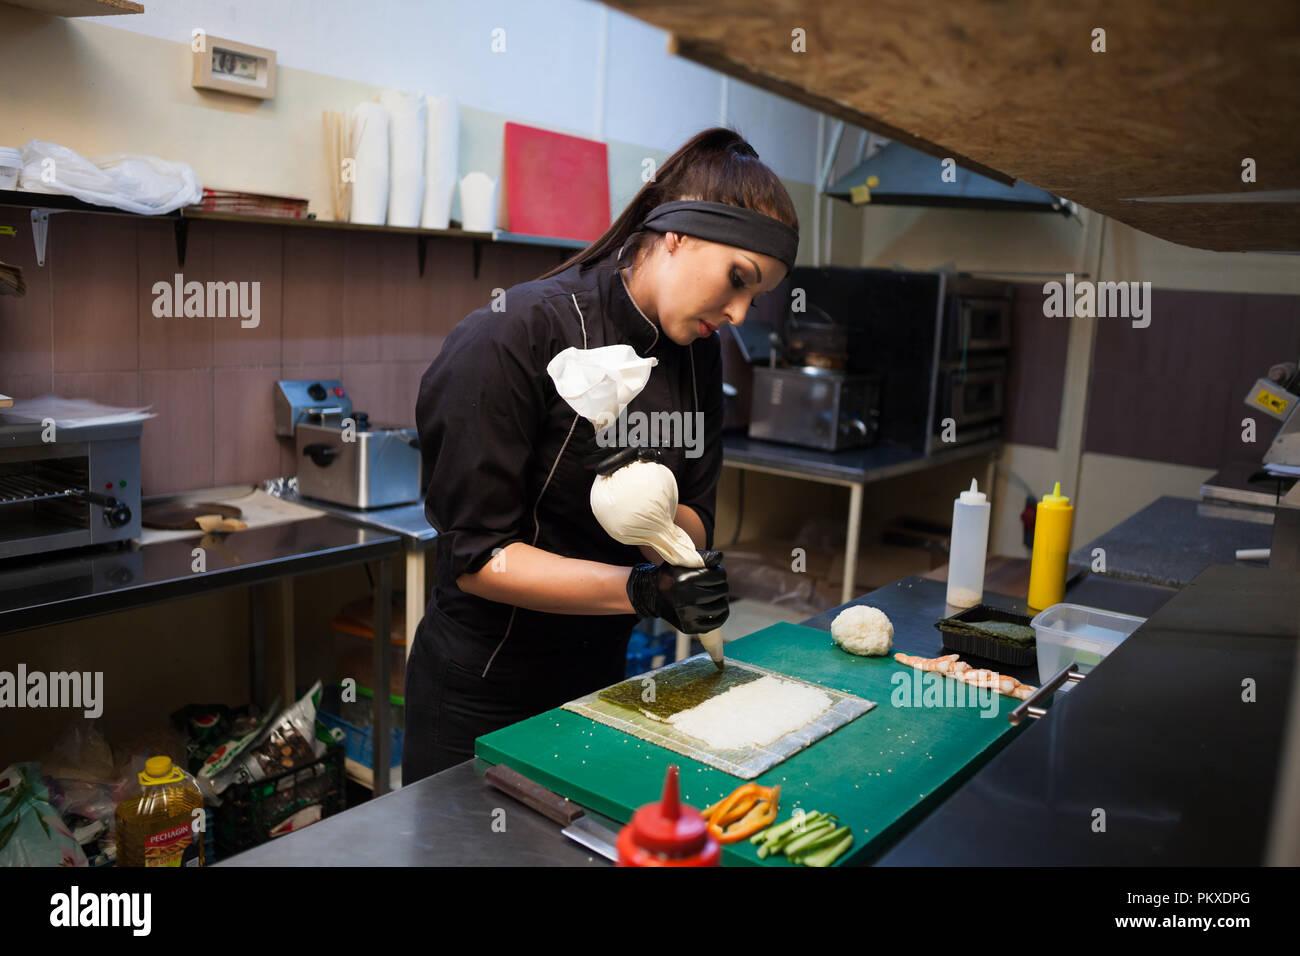 Femme cuisinier prépare des sushis sur une cuisine de restaurant Photo Stock